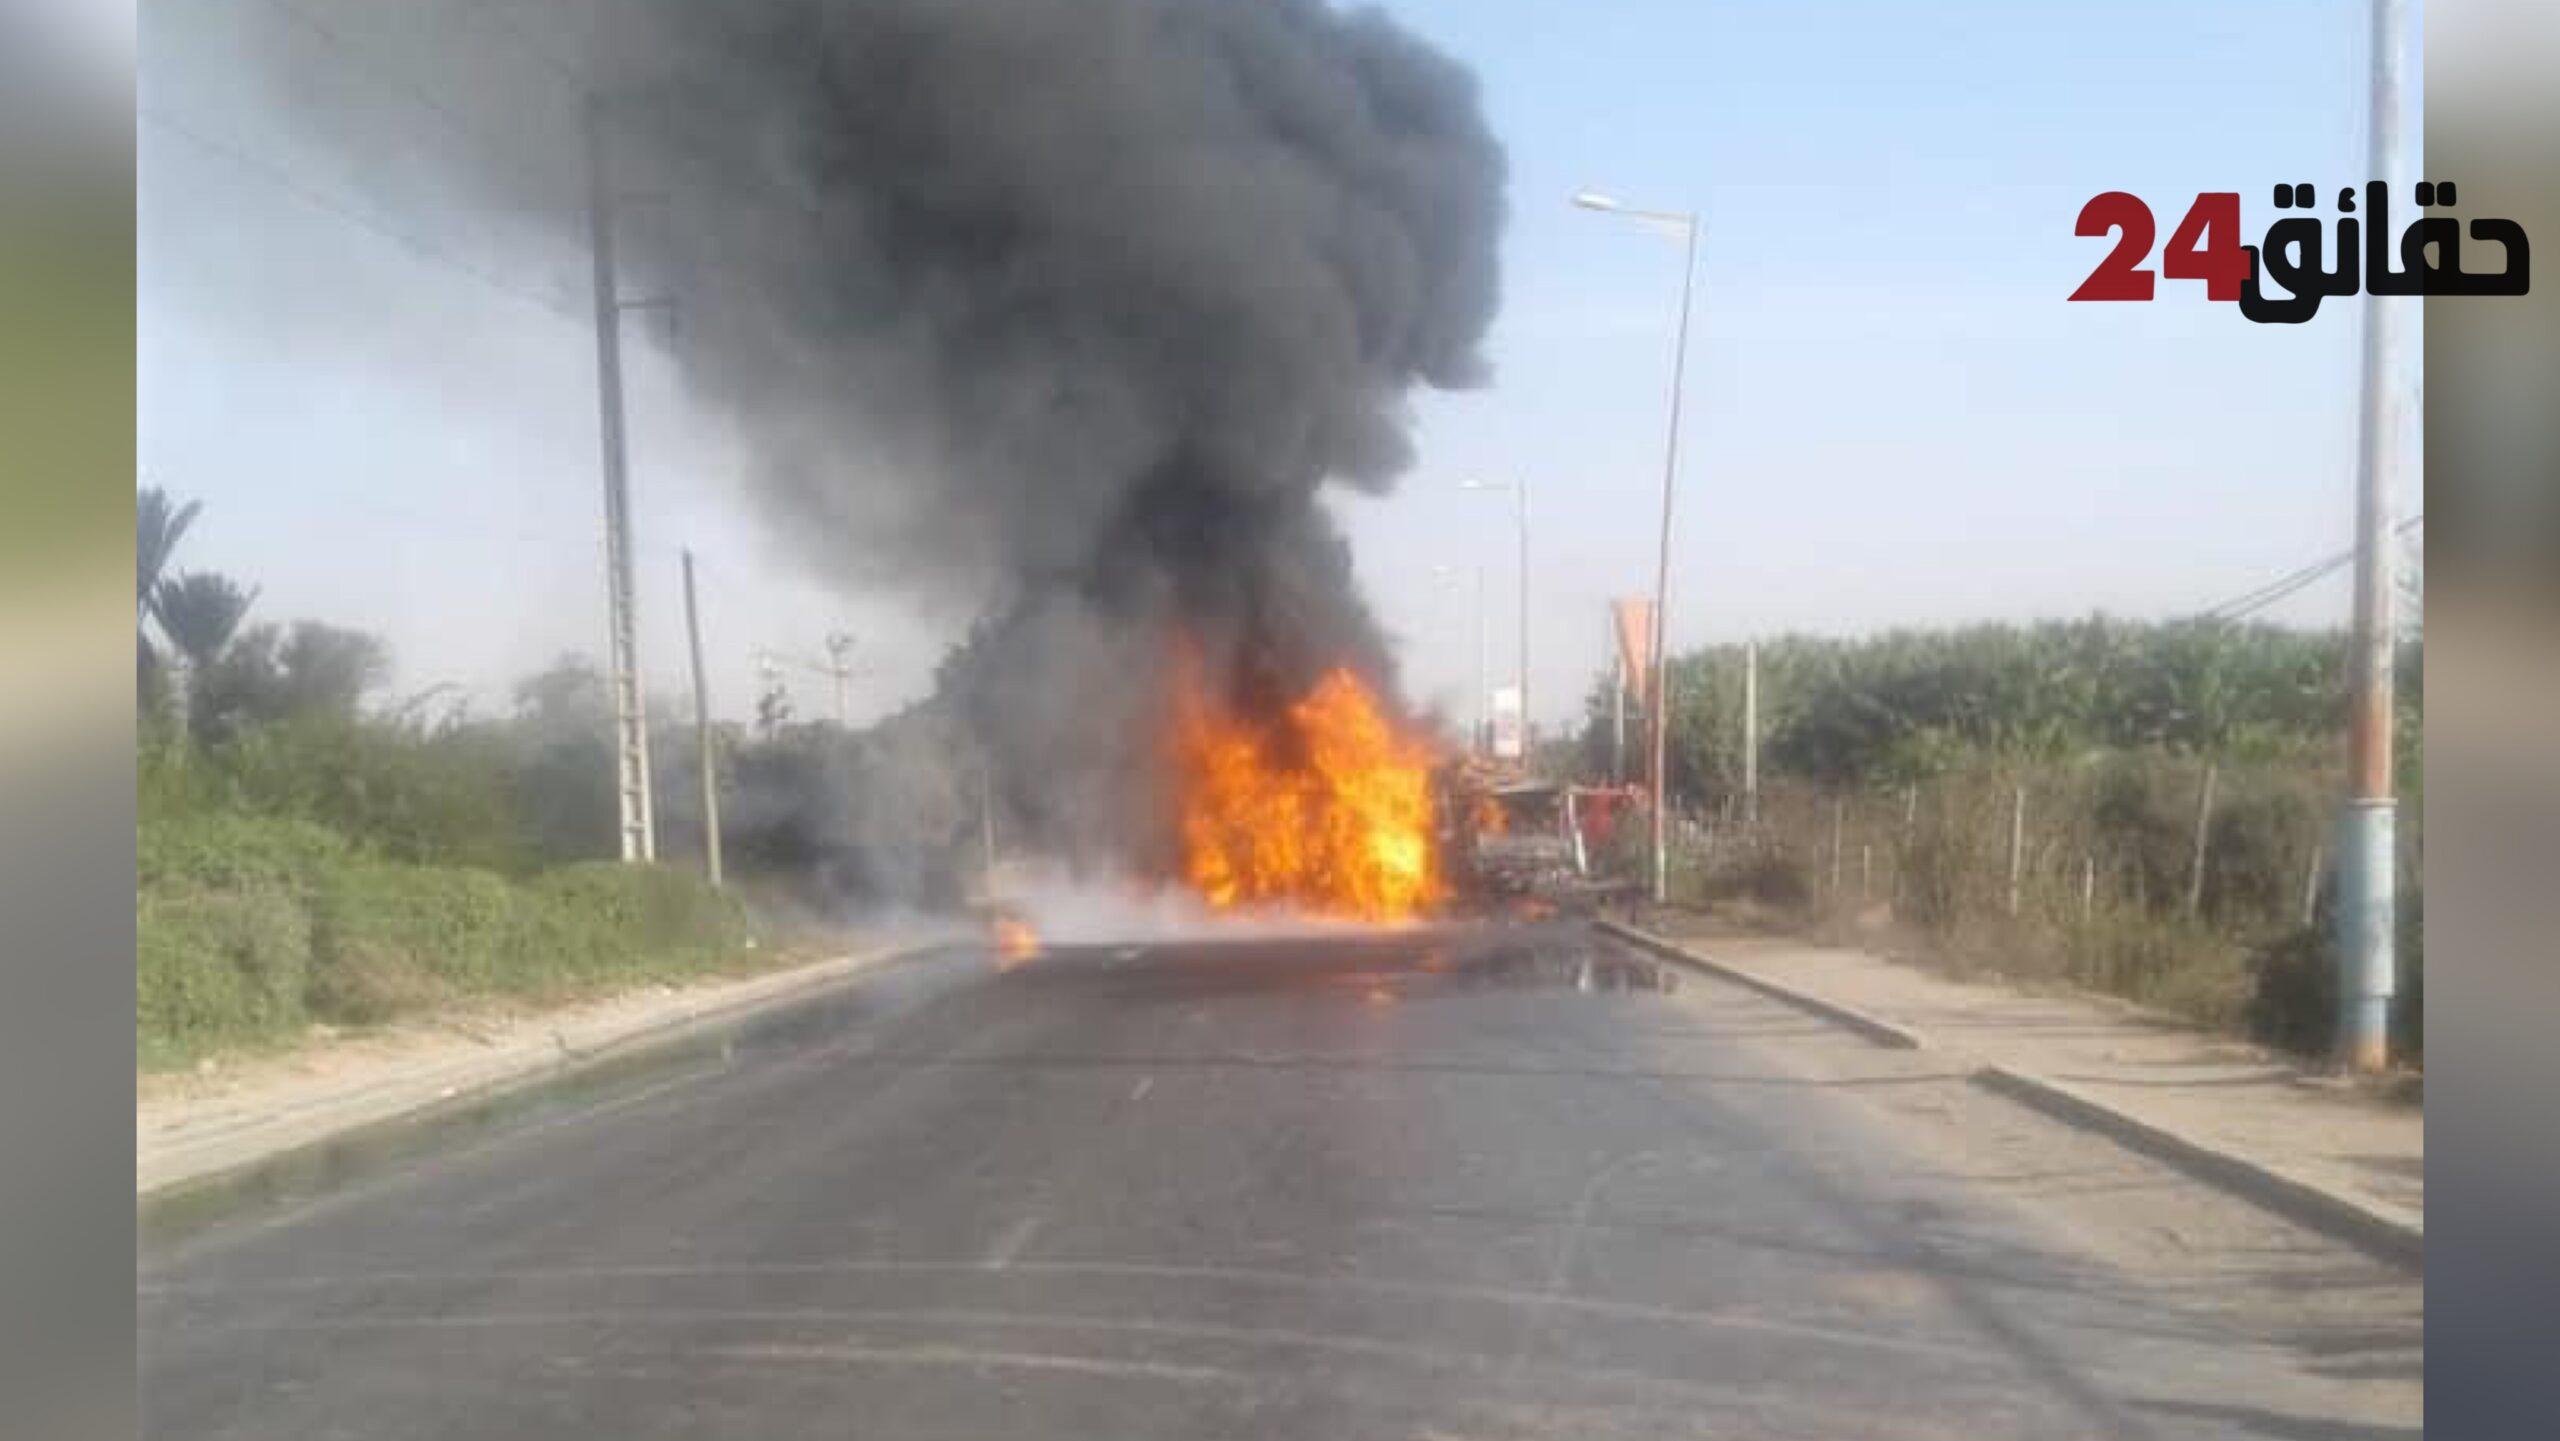 صورة قتيل وجريحين في حادث سير مروع بأيت ملول